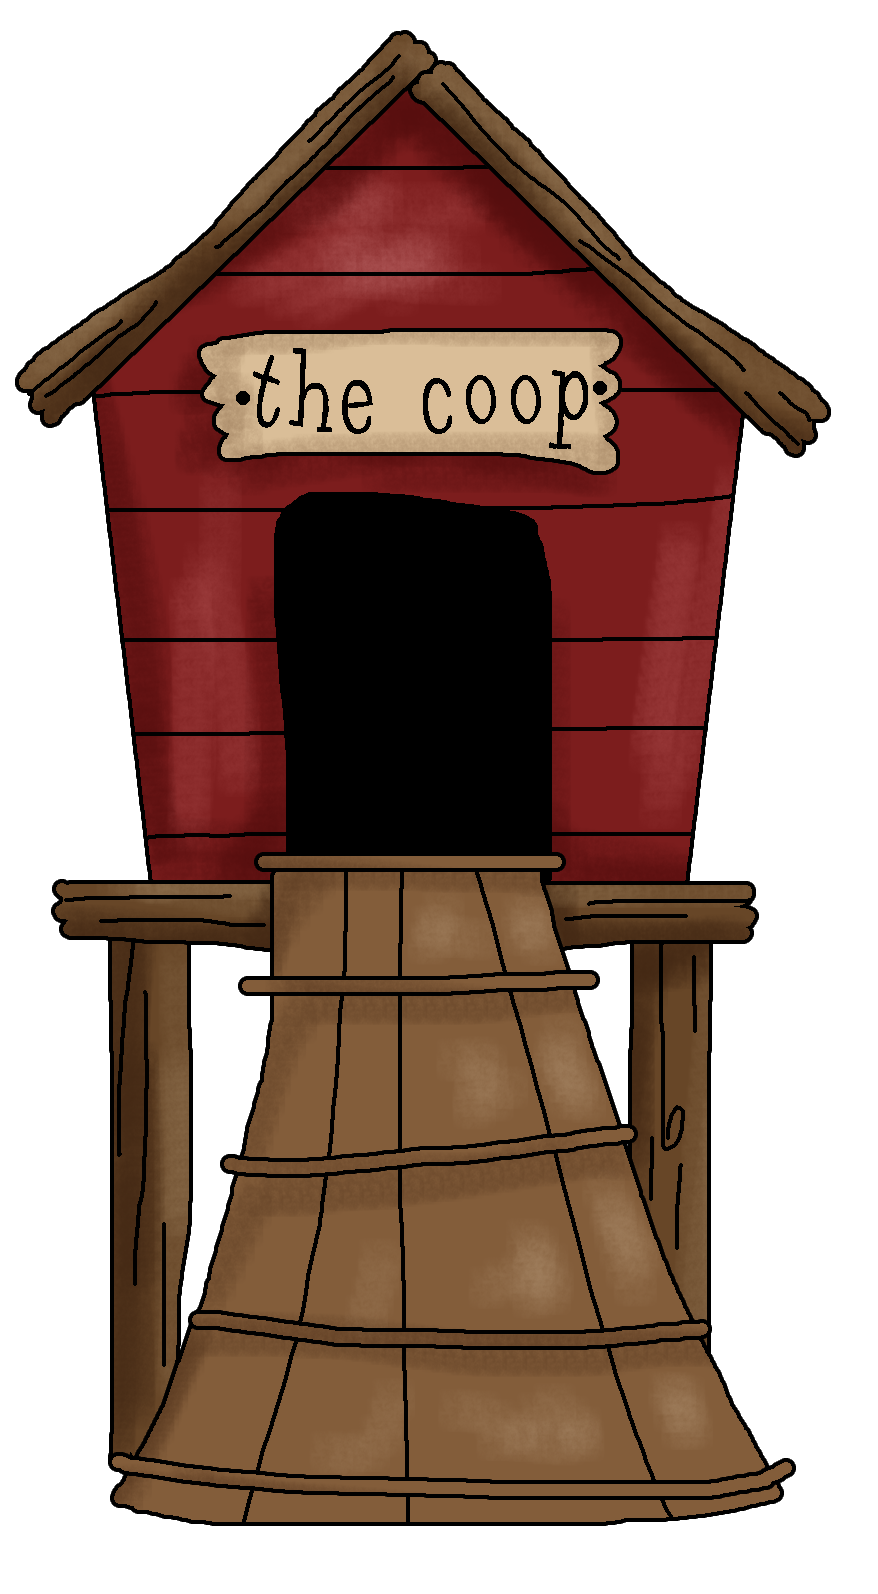 Chicken coop clipart.